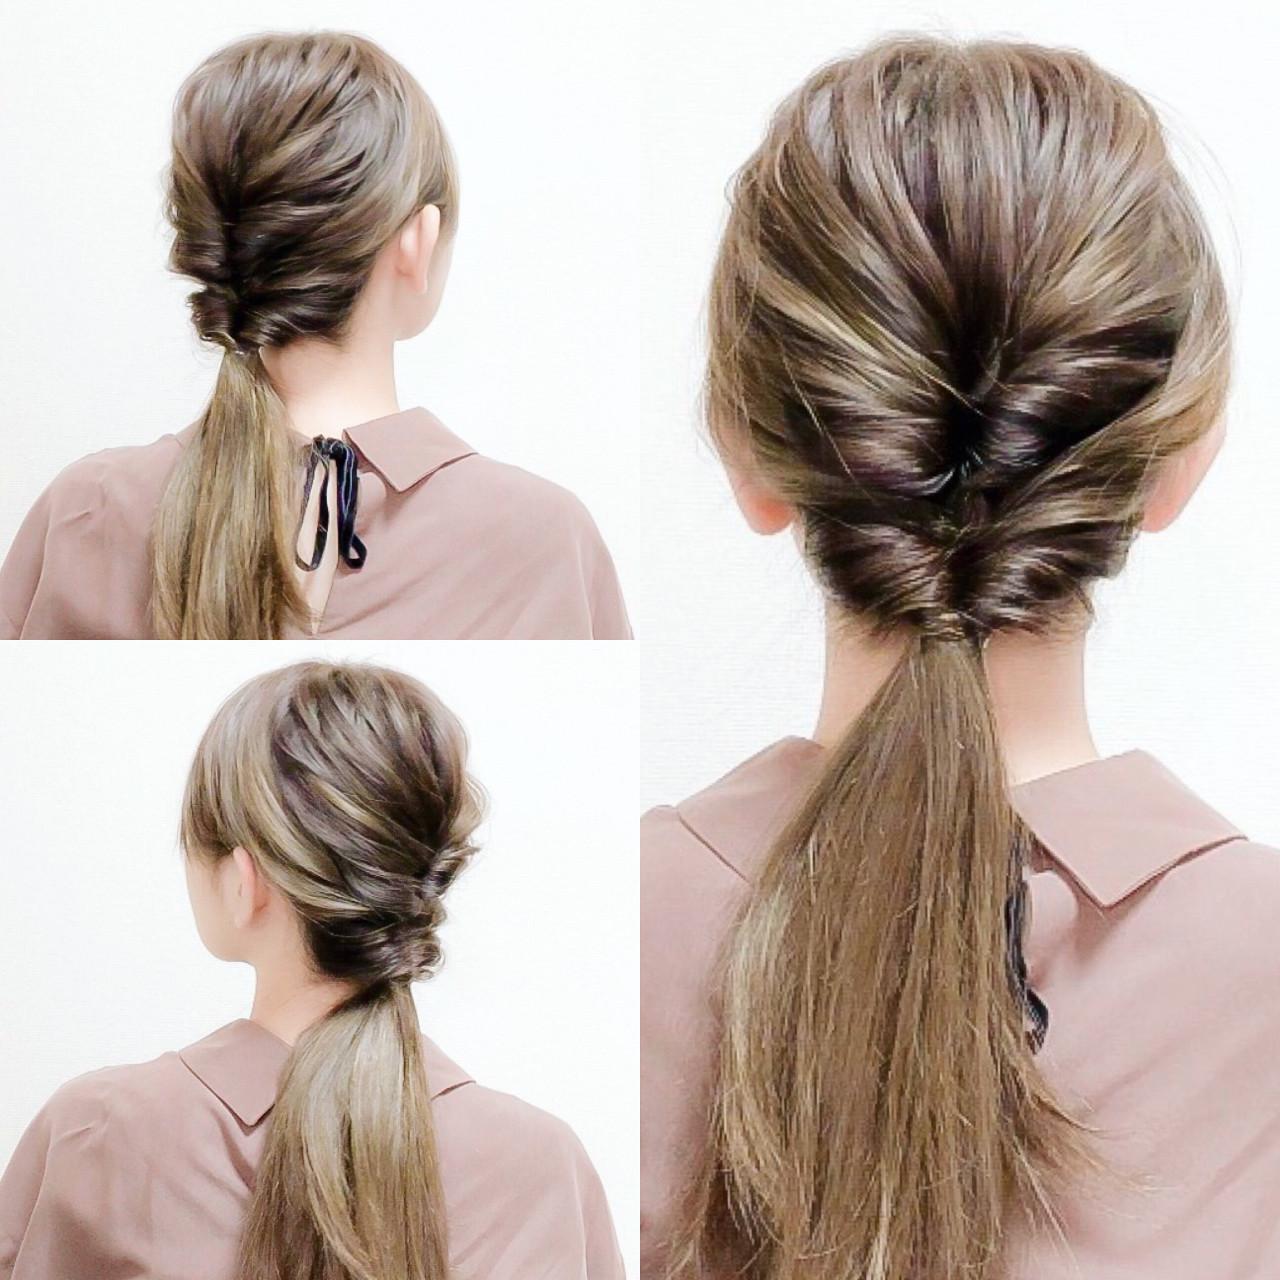 簡単ヘアアレンジ セルフヘアアレンジ ヘアアレンジ ロング ヘアスタイルや髪型の写真・画像